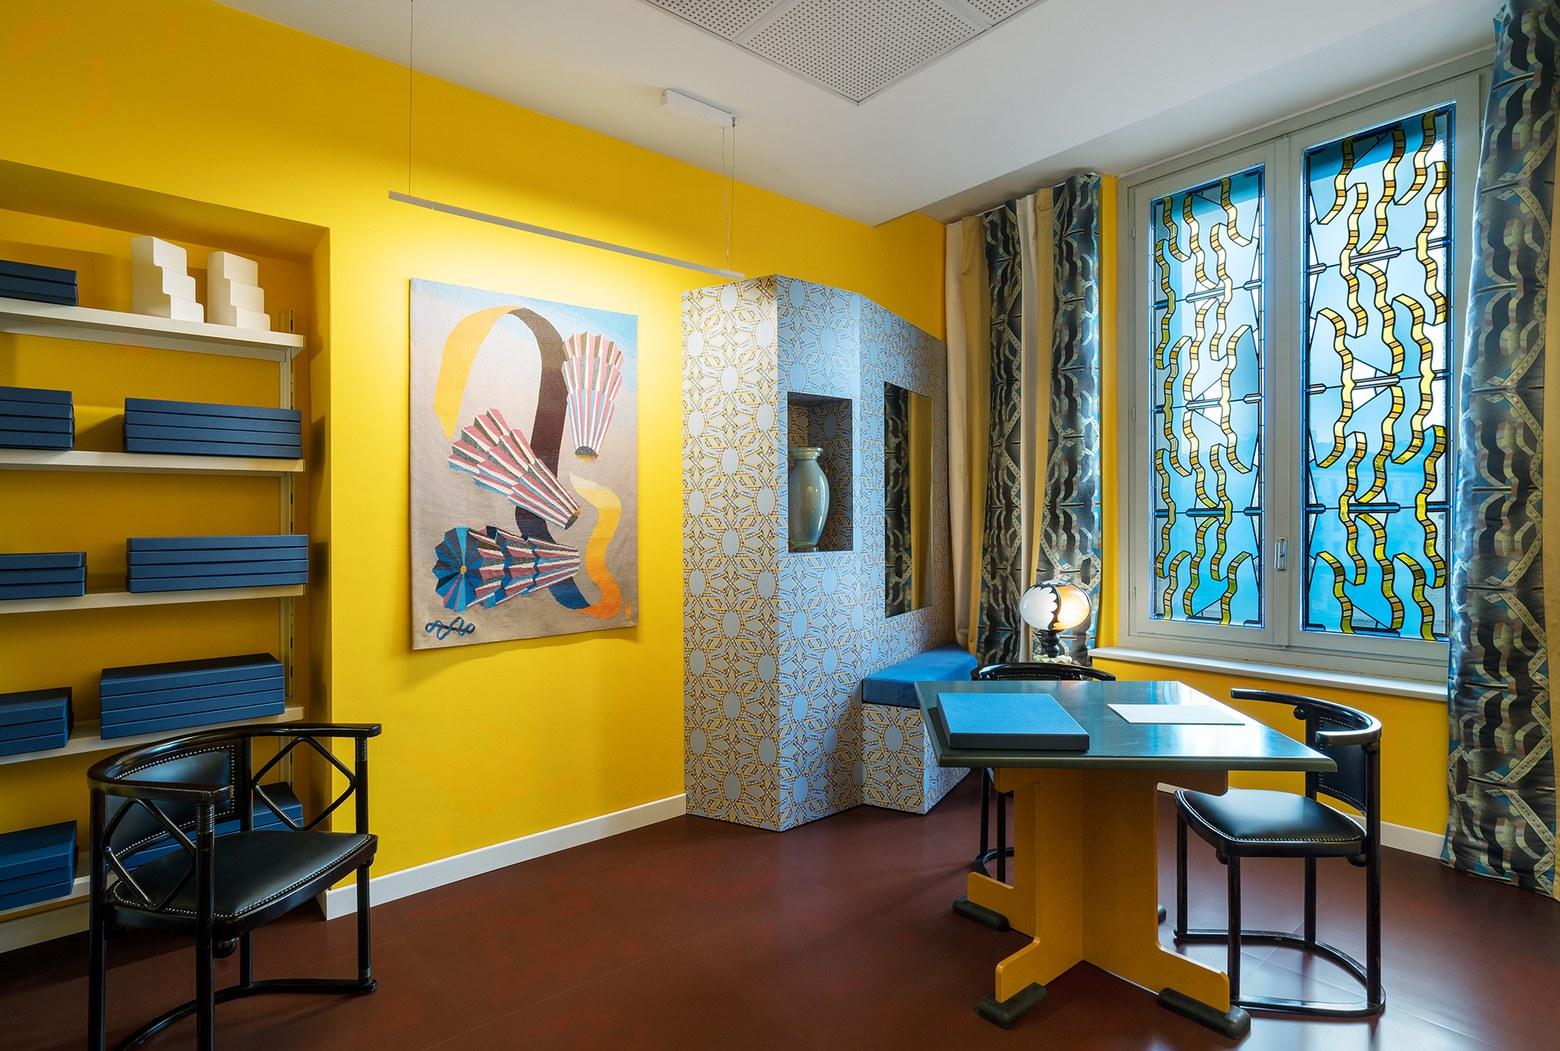 01-salone-del-mobile-vogue-italia-offices-interior-designs.jpg